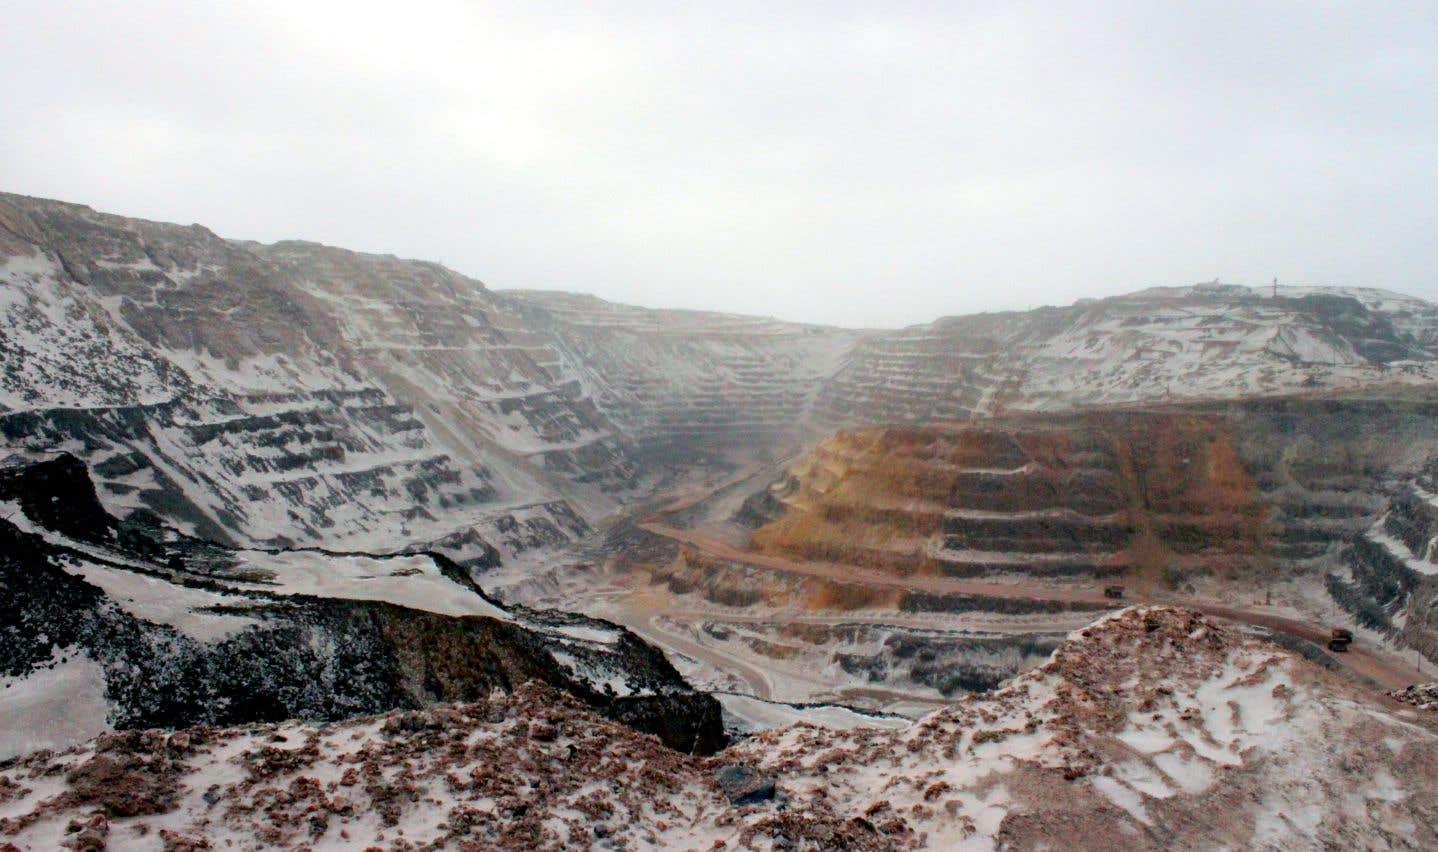 ArcelorMittal exploite une mine dont les différentes fosses devraient à terme atteindre une superficie totale de 11,3 kilomètres carrés.